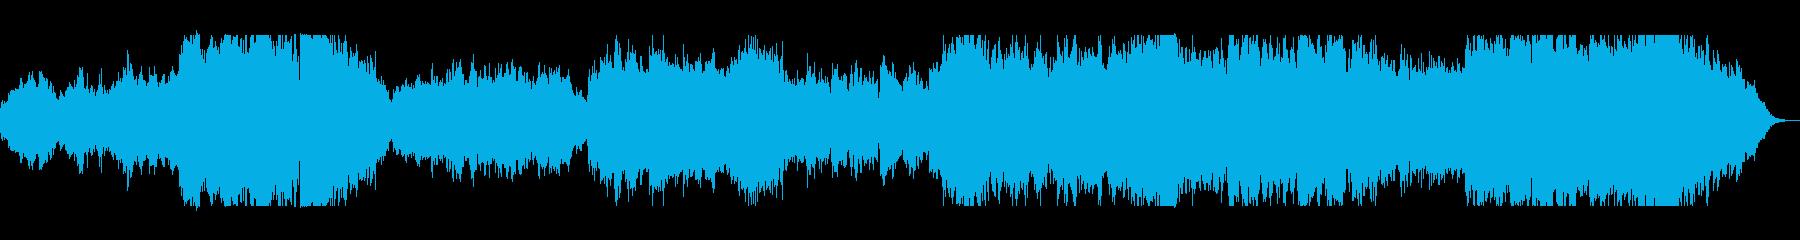 壮大で豪華なシンセ管打楽器サウンドの再生済みの波形